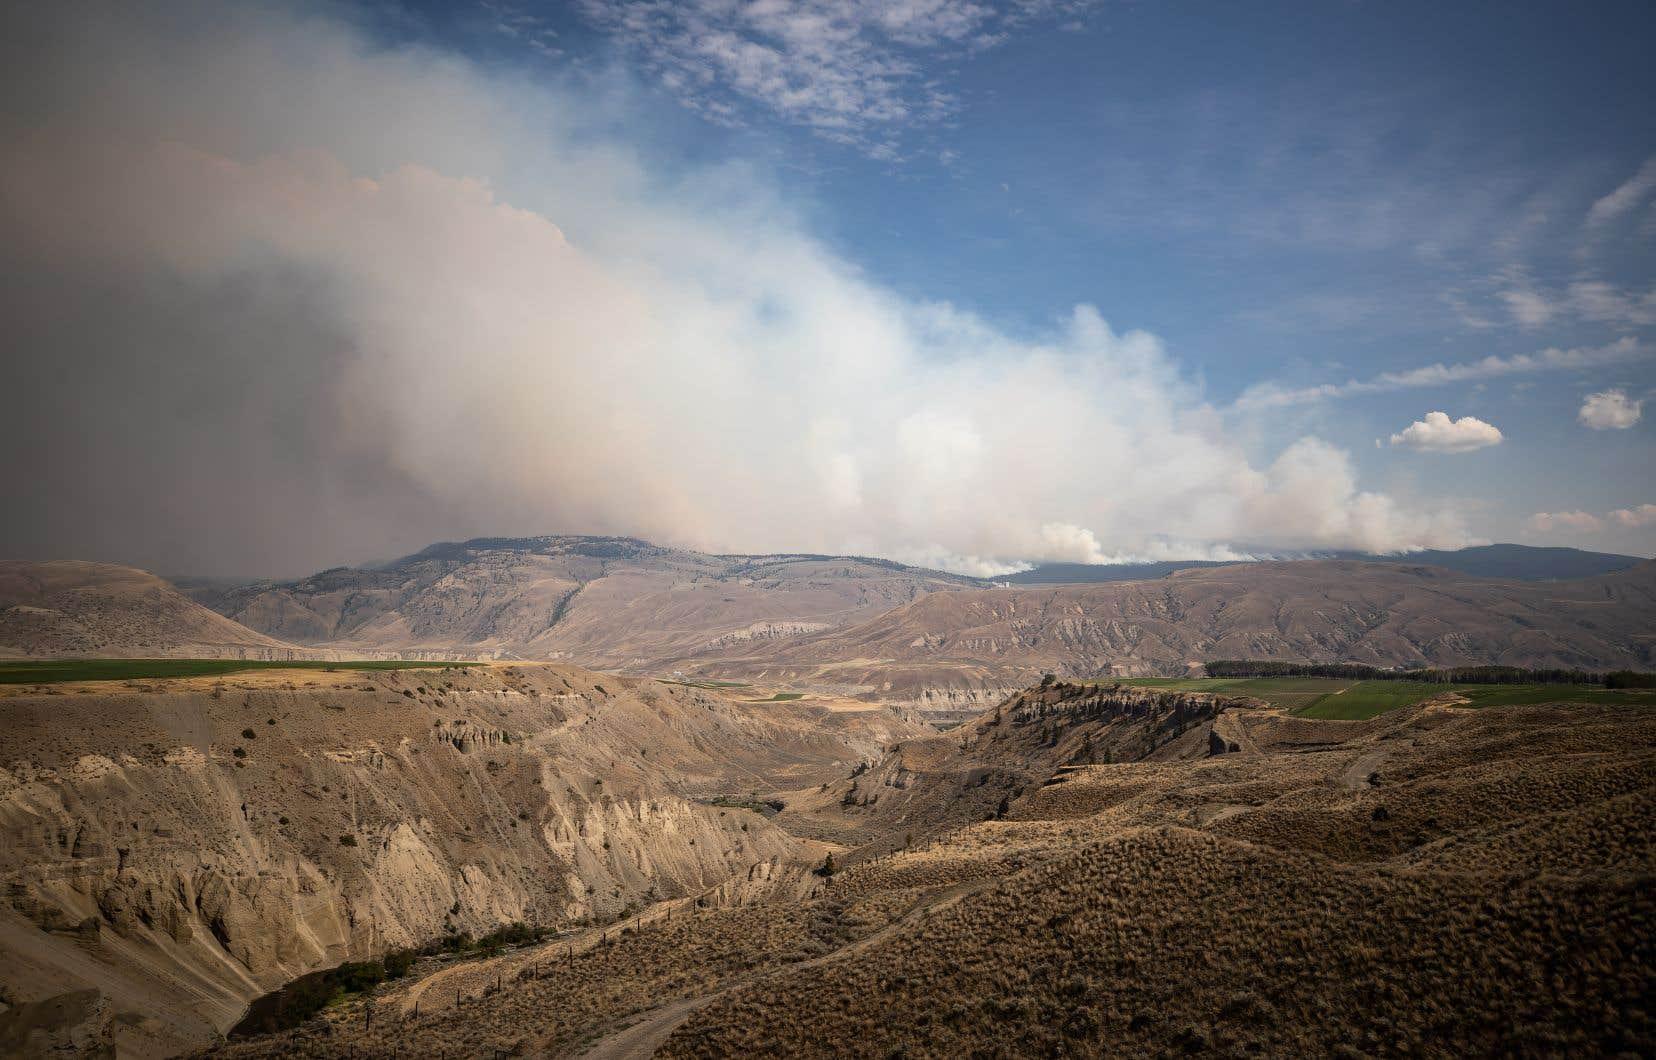 Les conditions météorologiques actuelles en Colombie-Britannique pourraient conduire à un comportement d'incendie plus grave et à davantage d'évacuations.